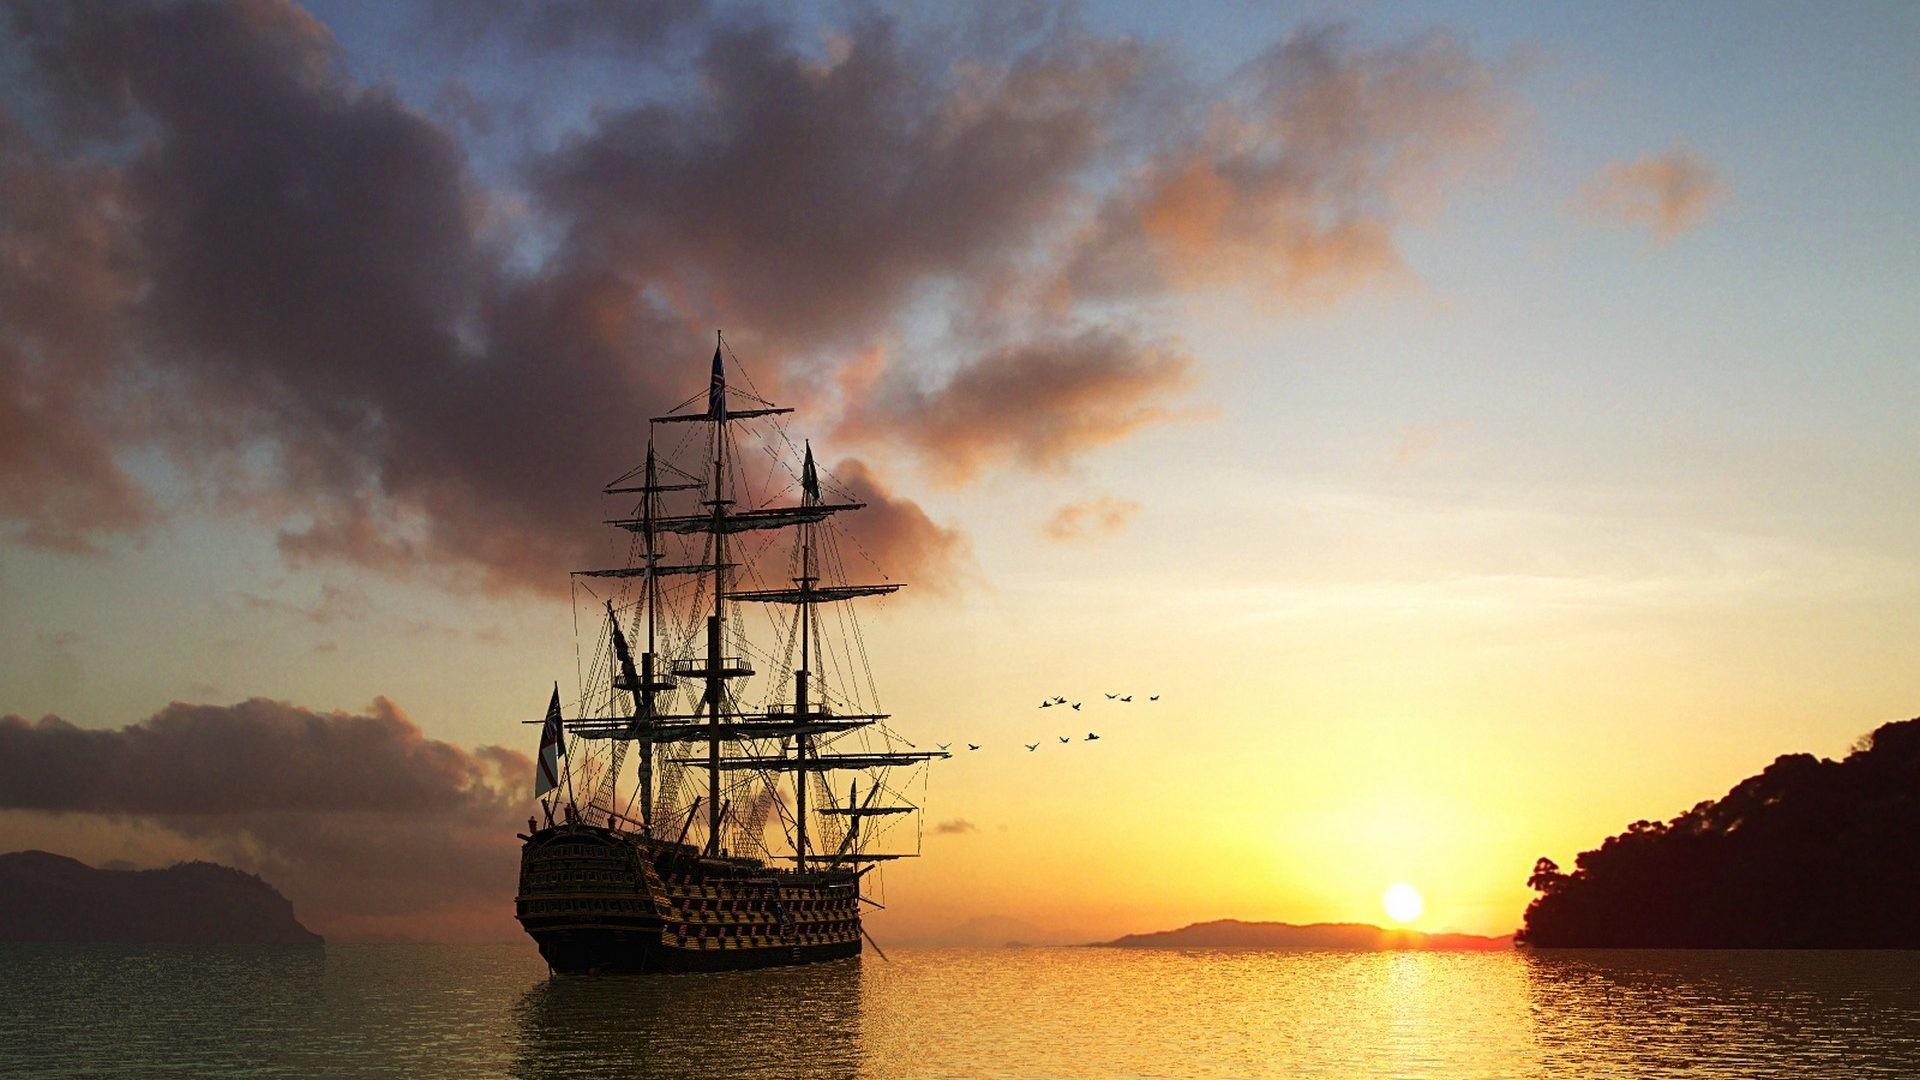 Sail Tag – Ships Sails Ship Sail Wallpaper Nature Hd For Phone for HD 16: